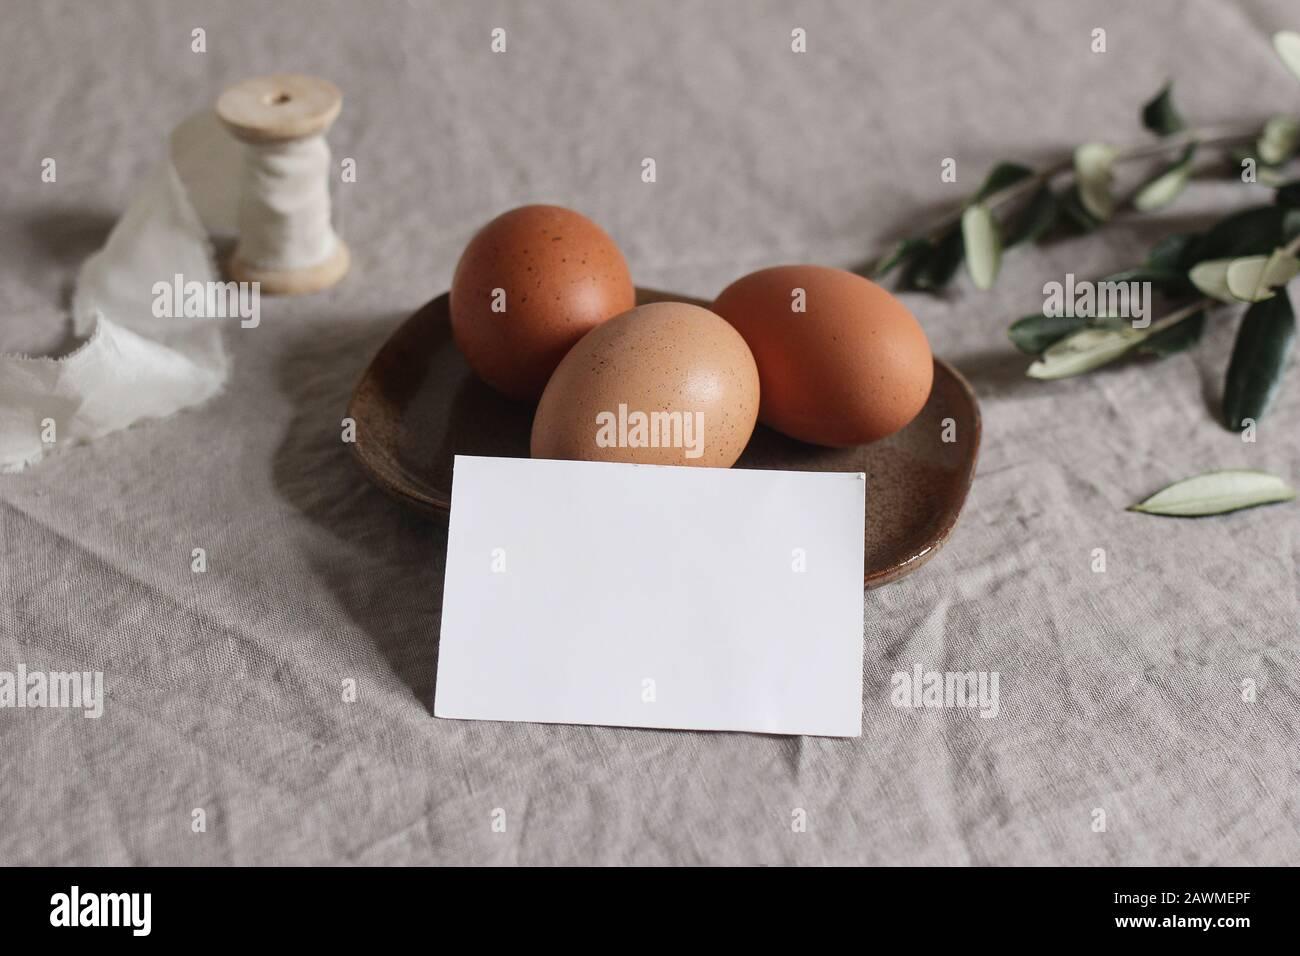 Personnalisé Nom Poulet Ovale Oeufs petit déjeuner Planche à Petit-déjeuner Pâques Cadeau